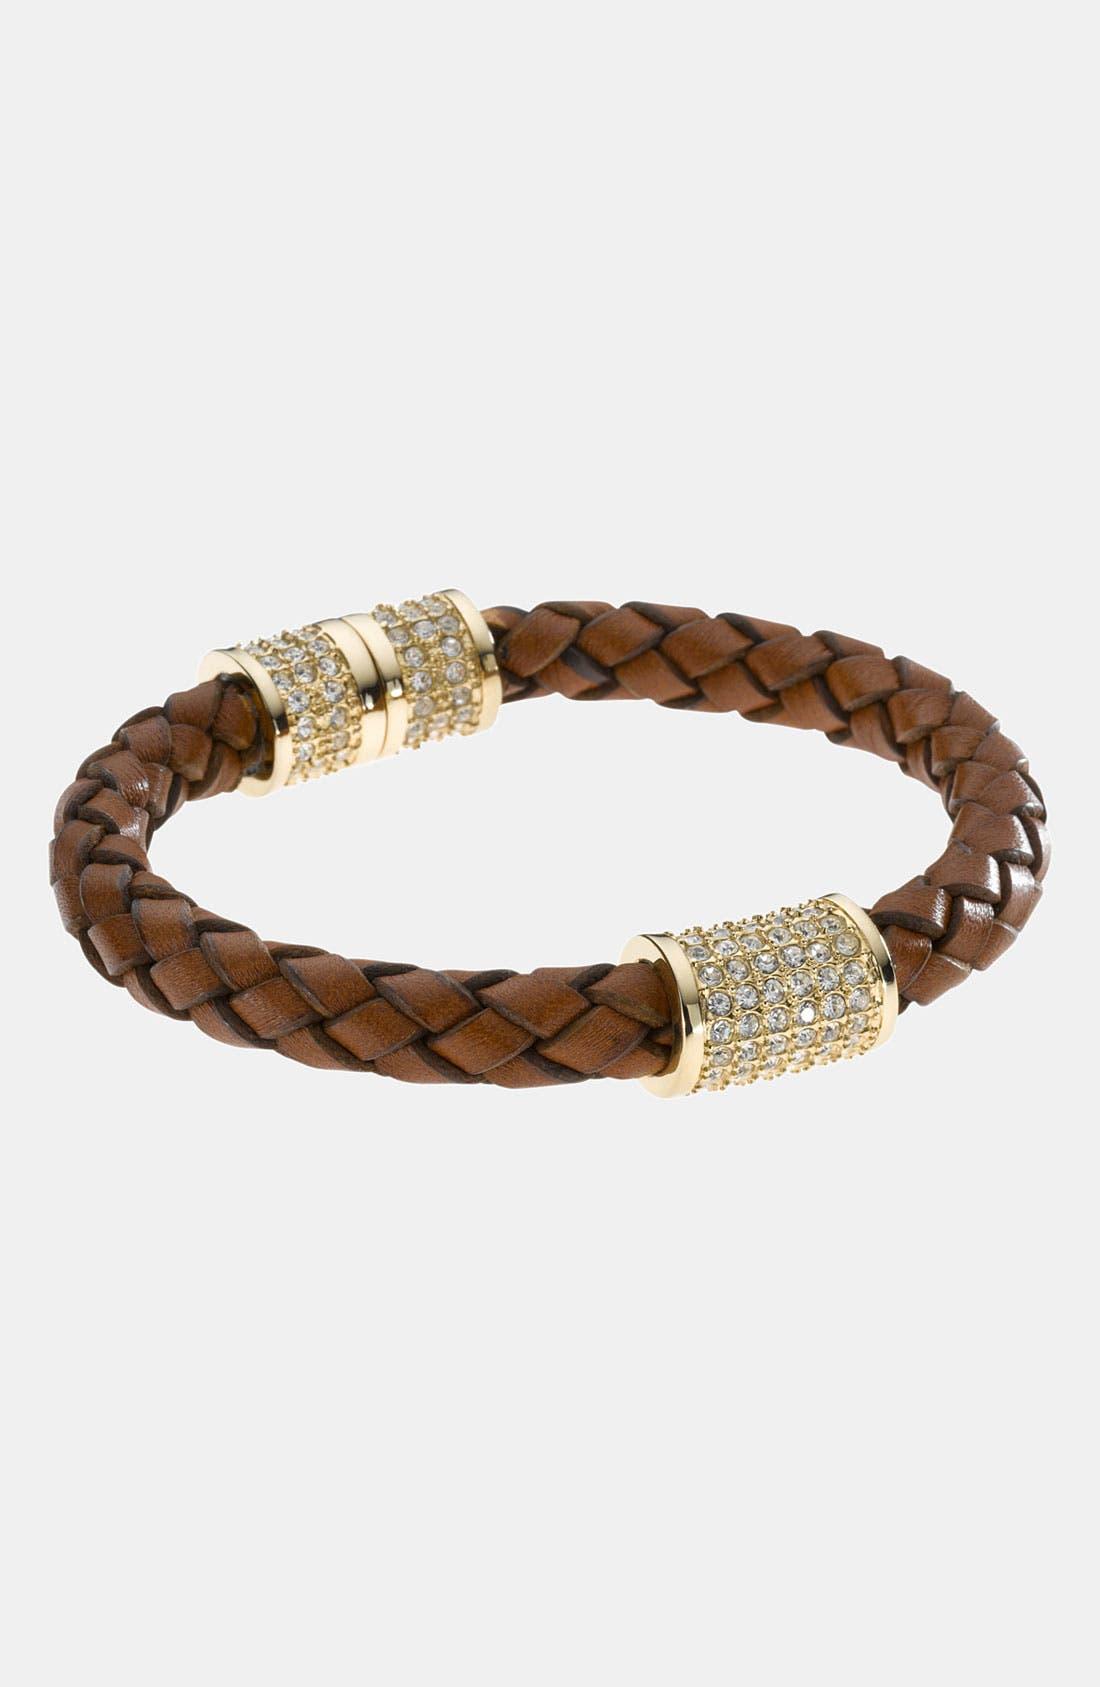 Main Image - Michael Kors 'Skorpios' Wide Leather Rope Bracelet